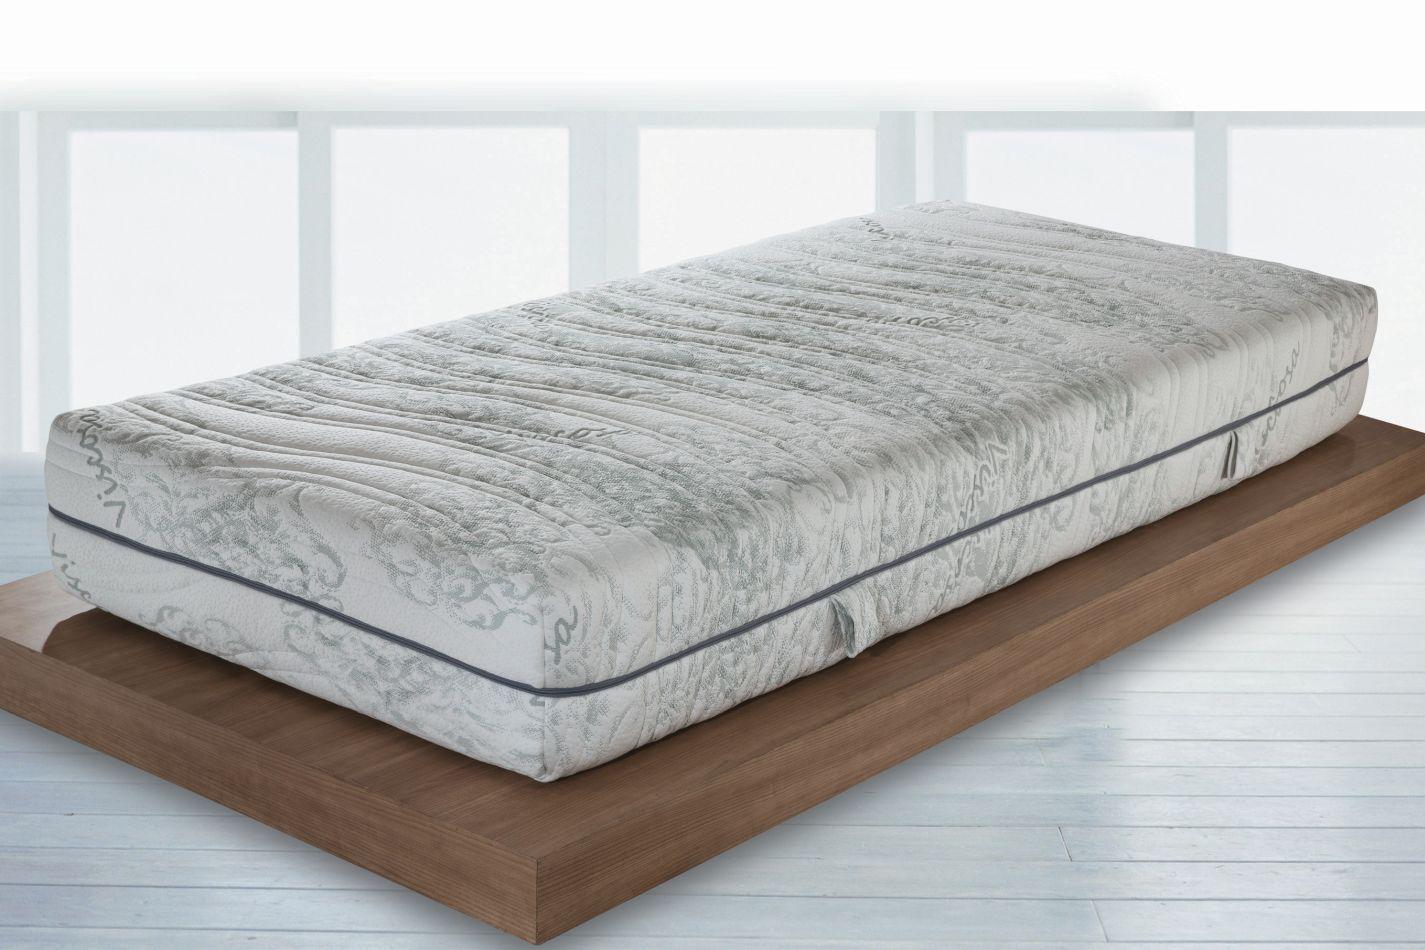 Matratze Balance Plus mit Taschen Federkern  - Abmessungen: 80 x 200 cm